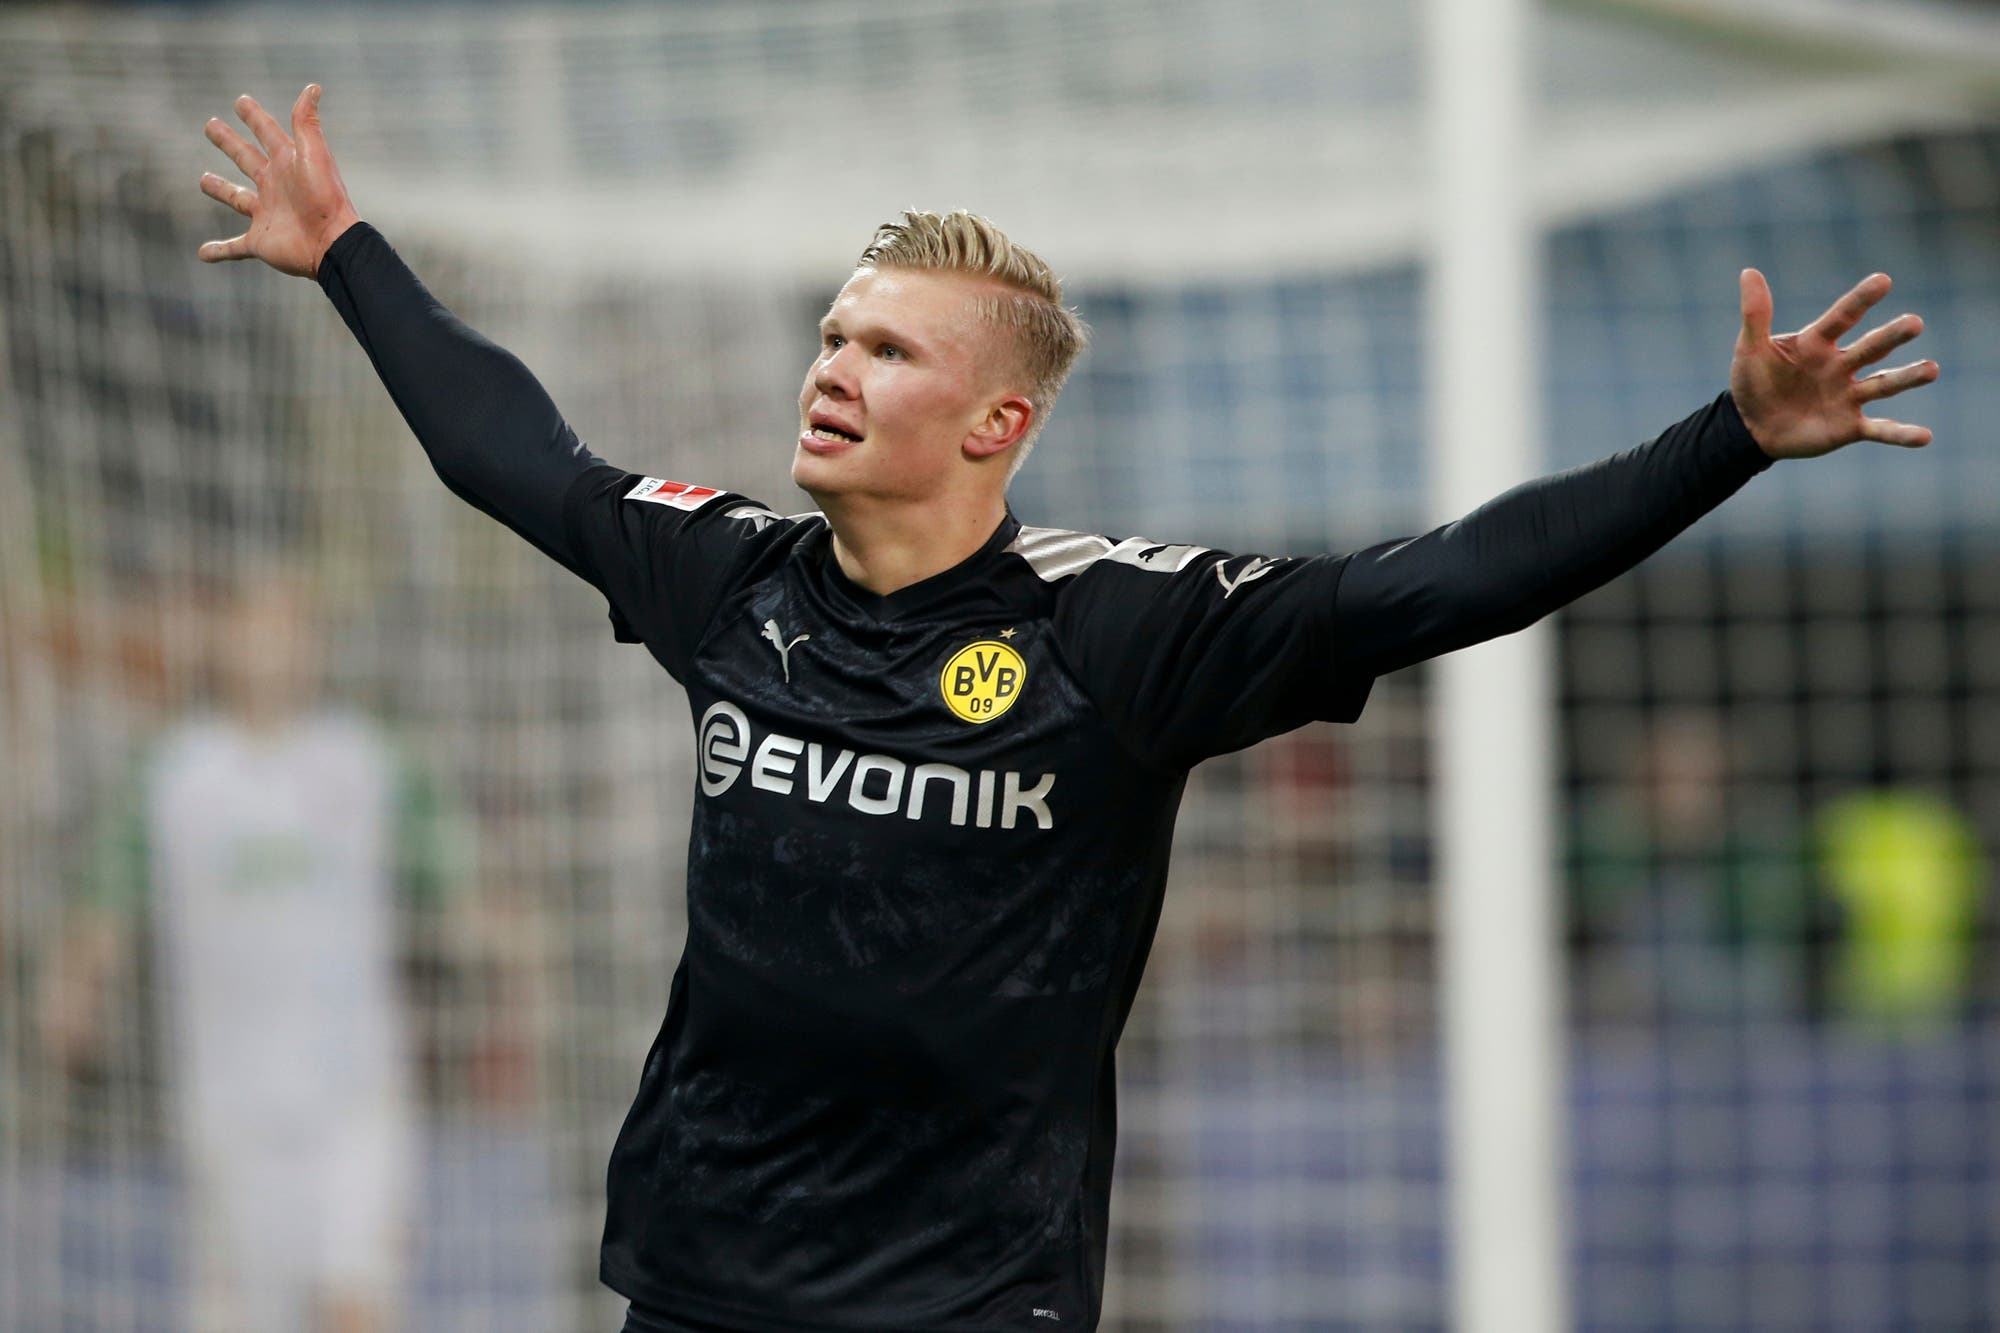 Erling Haaland, el noruego de 19 años que hizo tres goles en 20 minutos en su debut en Borussia Dortmund y duerme con la pelota